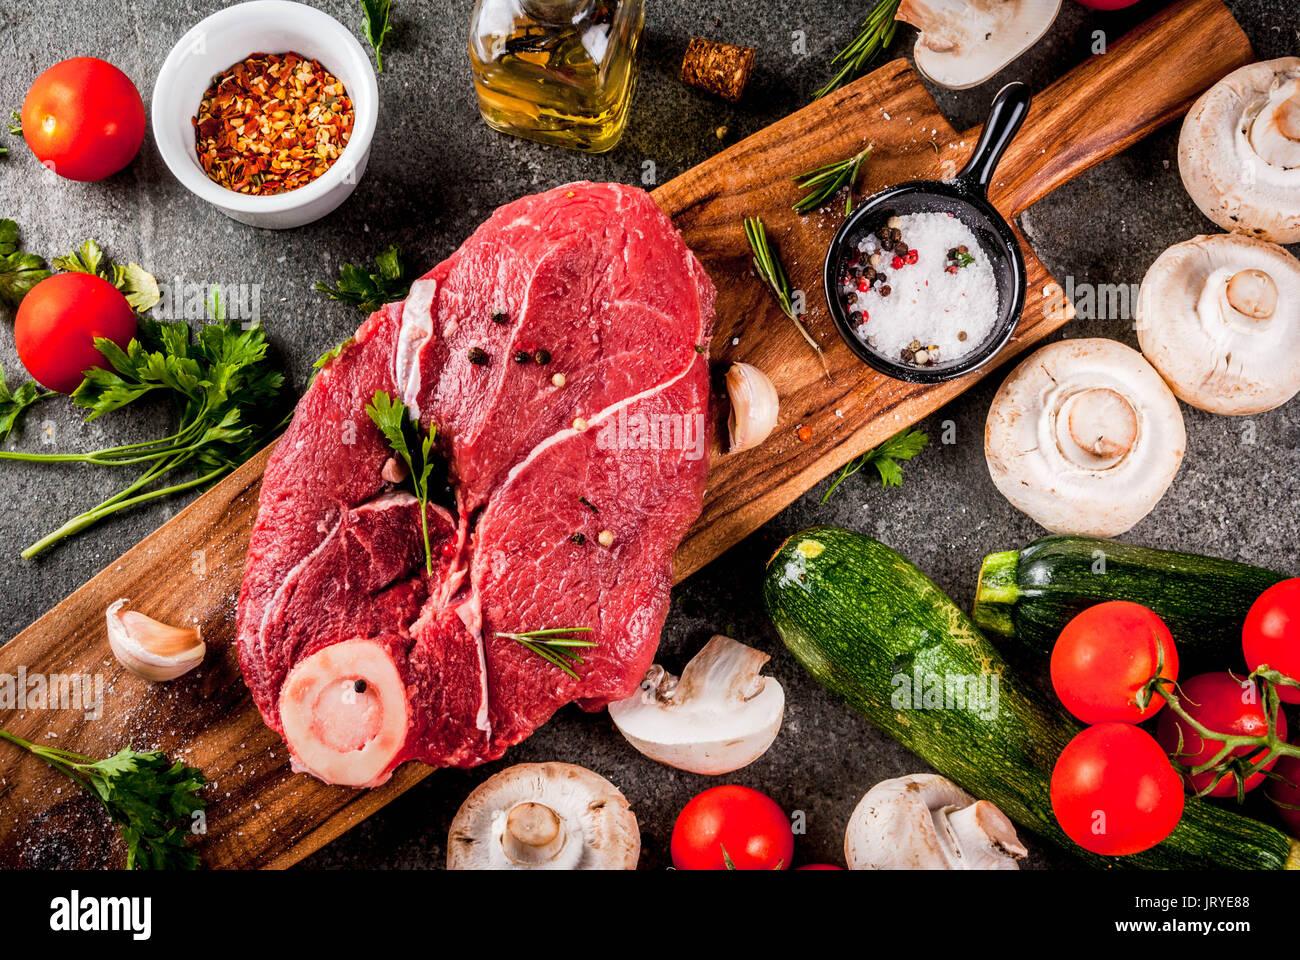 Rohes Fleisch mit Zutaten für das Abendessen. Rinderfilet, Filet, auf ein Schneidbrett, mit Salz, Pfeffer, Stockbild